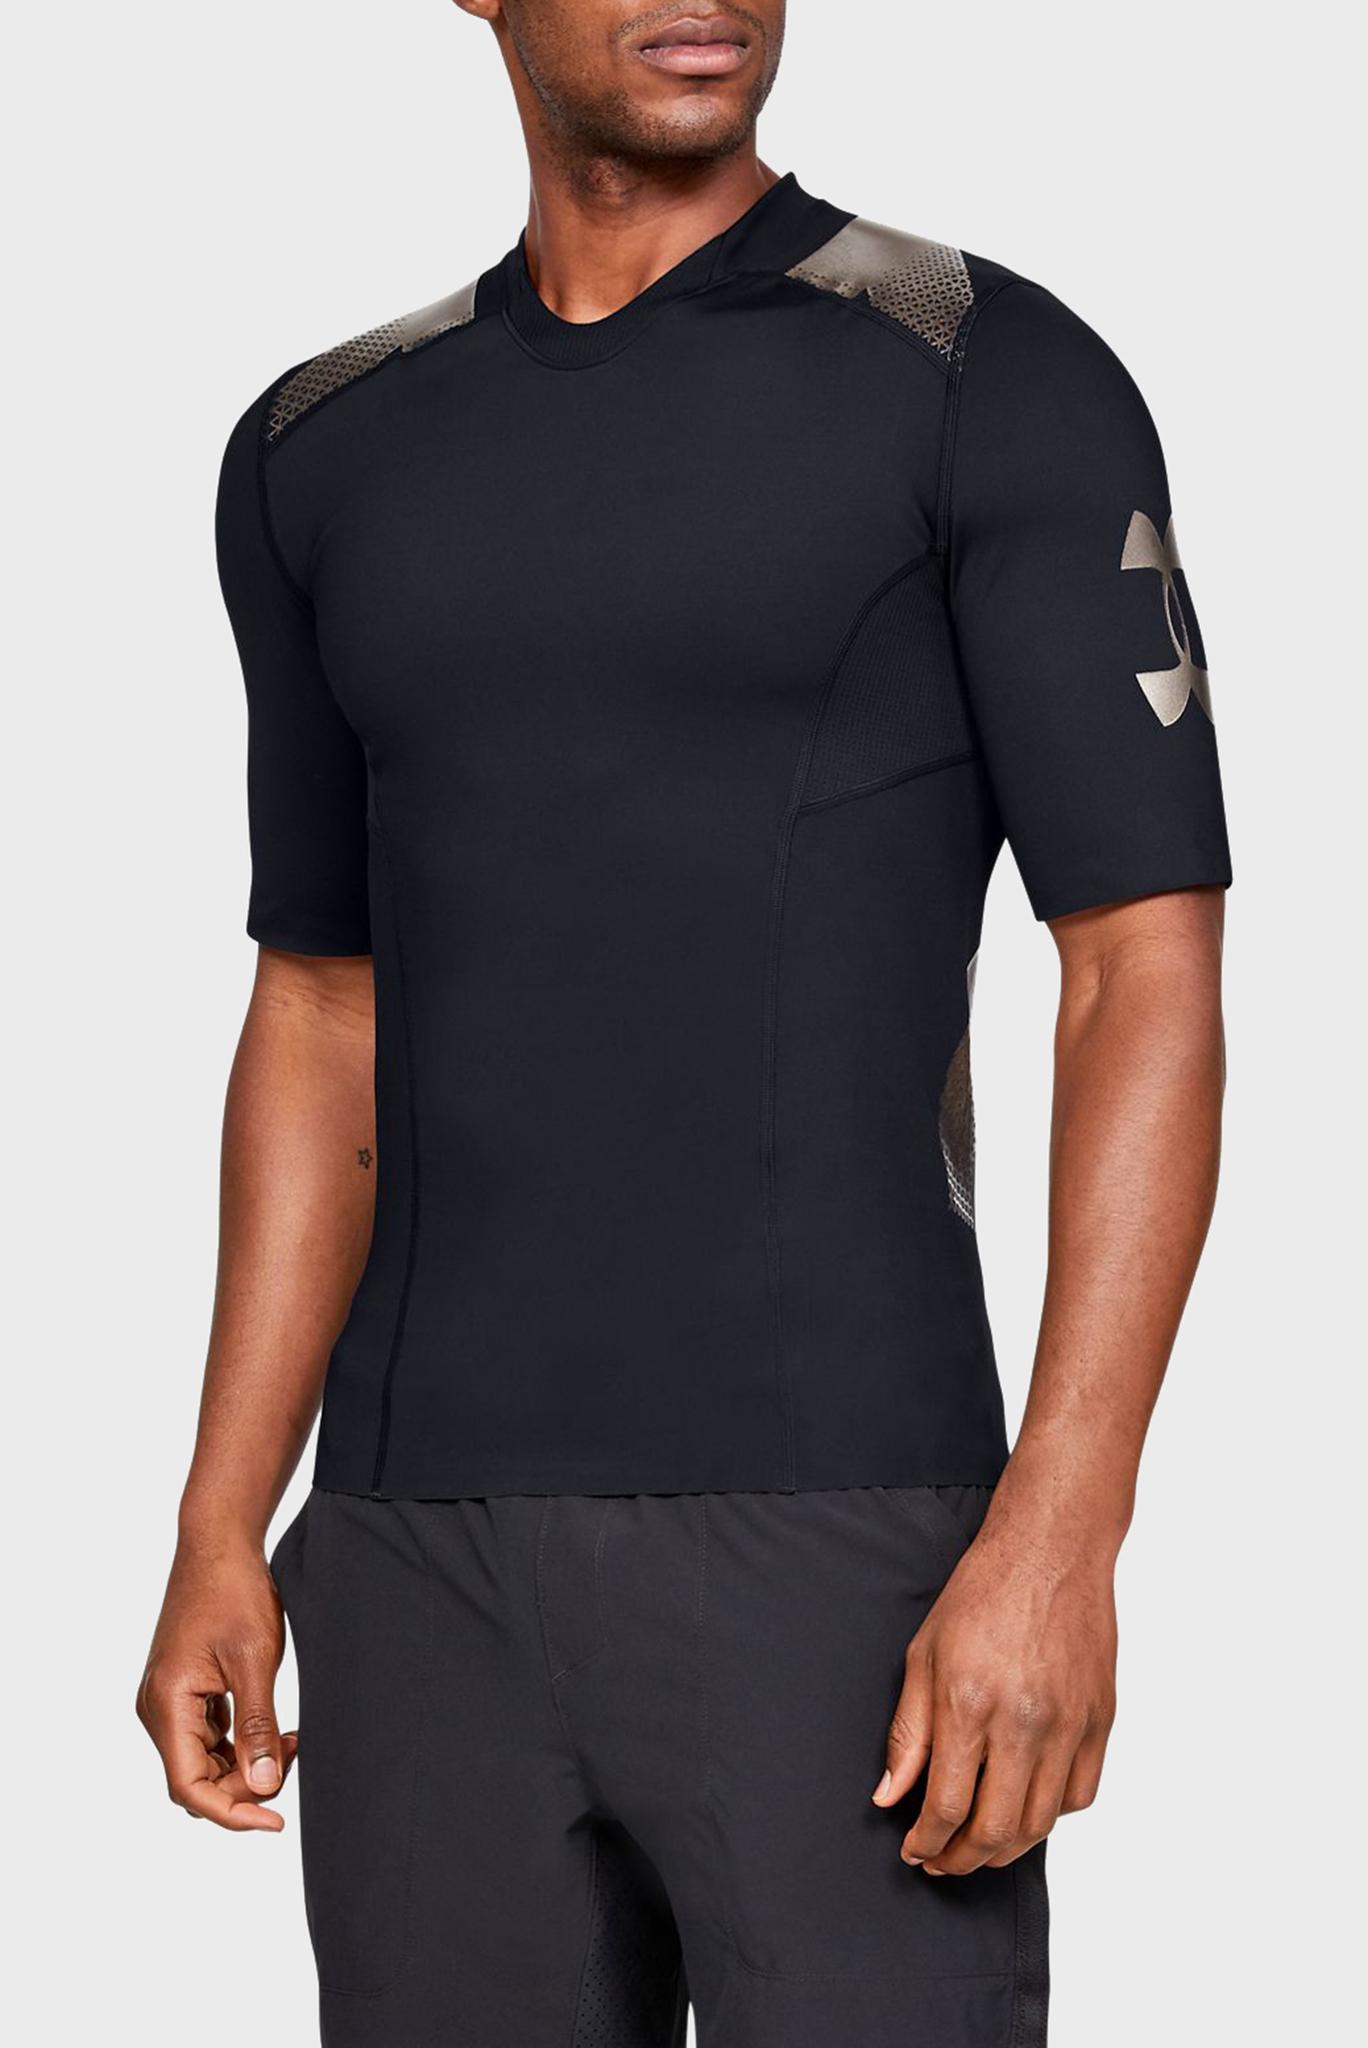 Мужская черная футболка Perpetual Superbase Under Armour